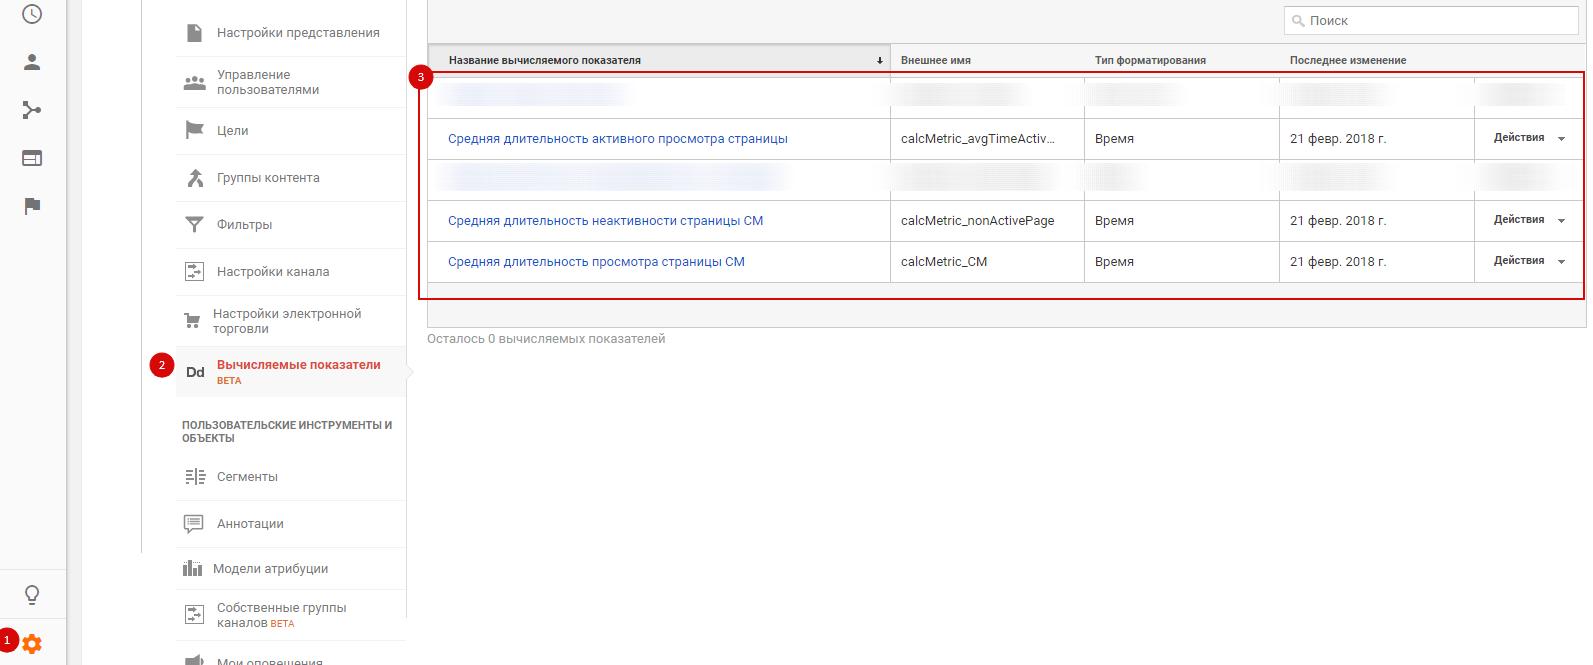 Вычисляемые показатели Google Analytics